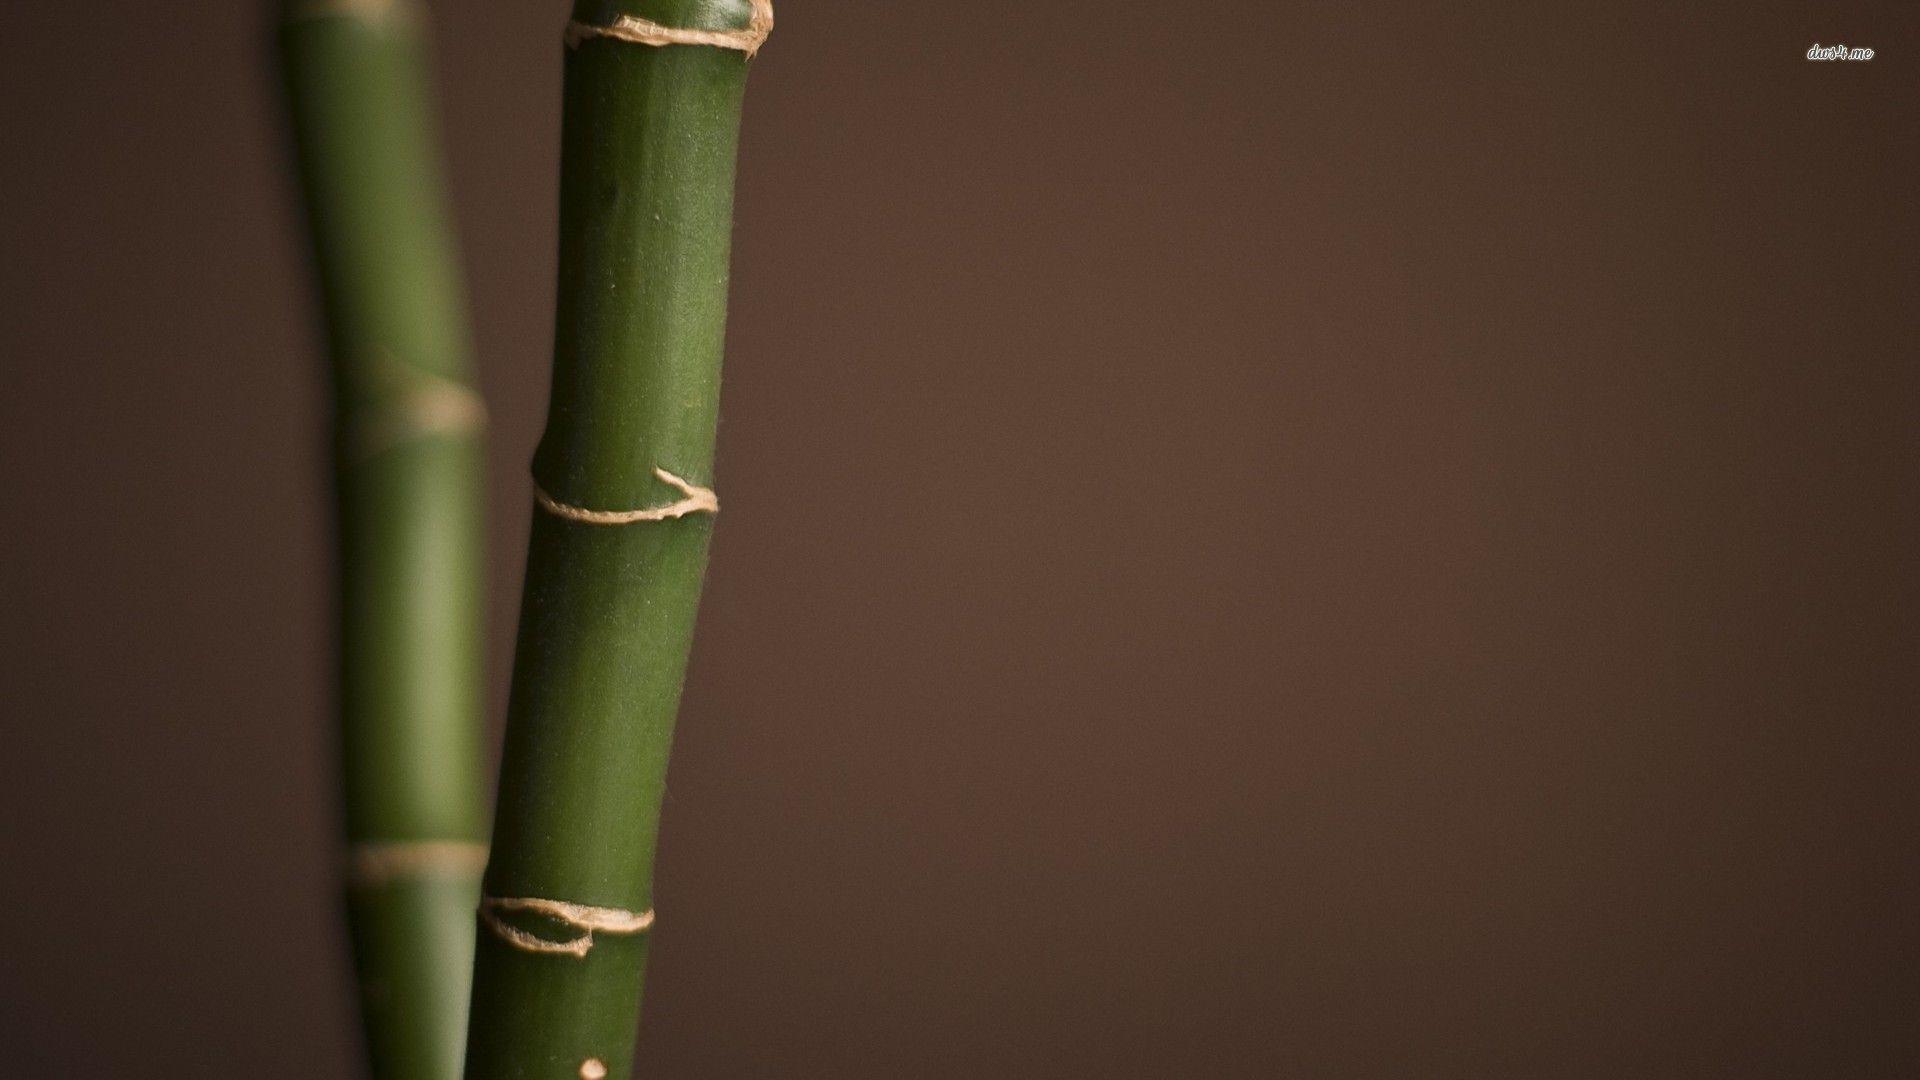 bamboo background nineteen photo - photo #21